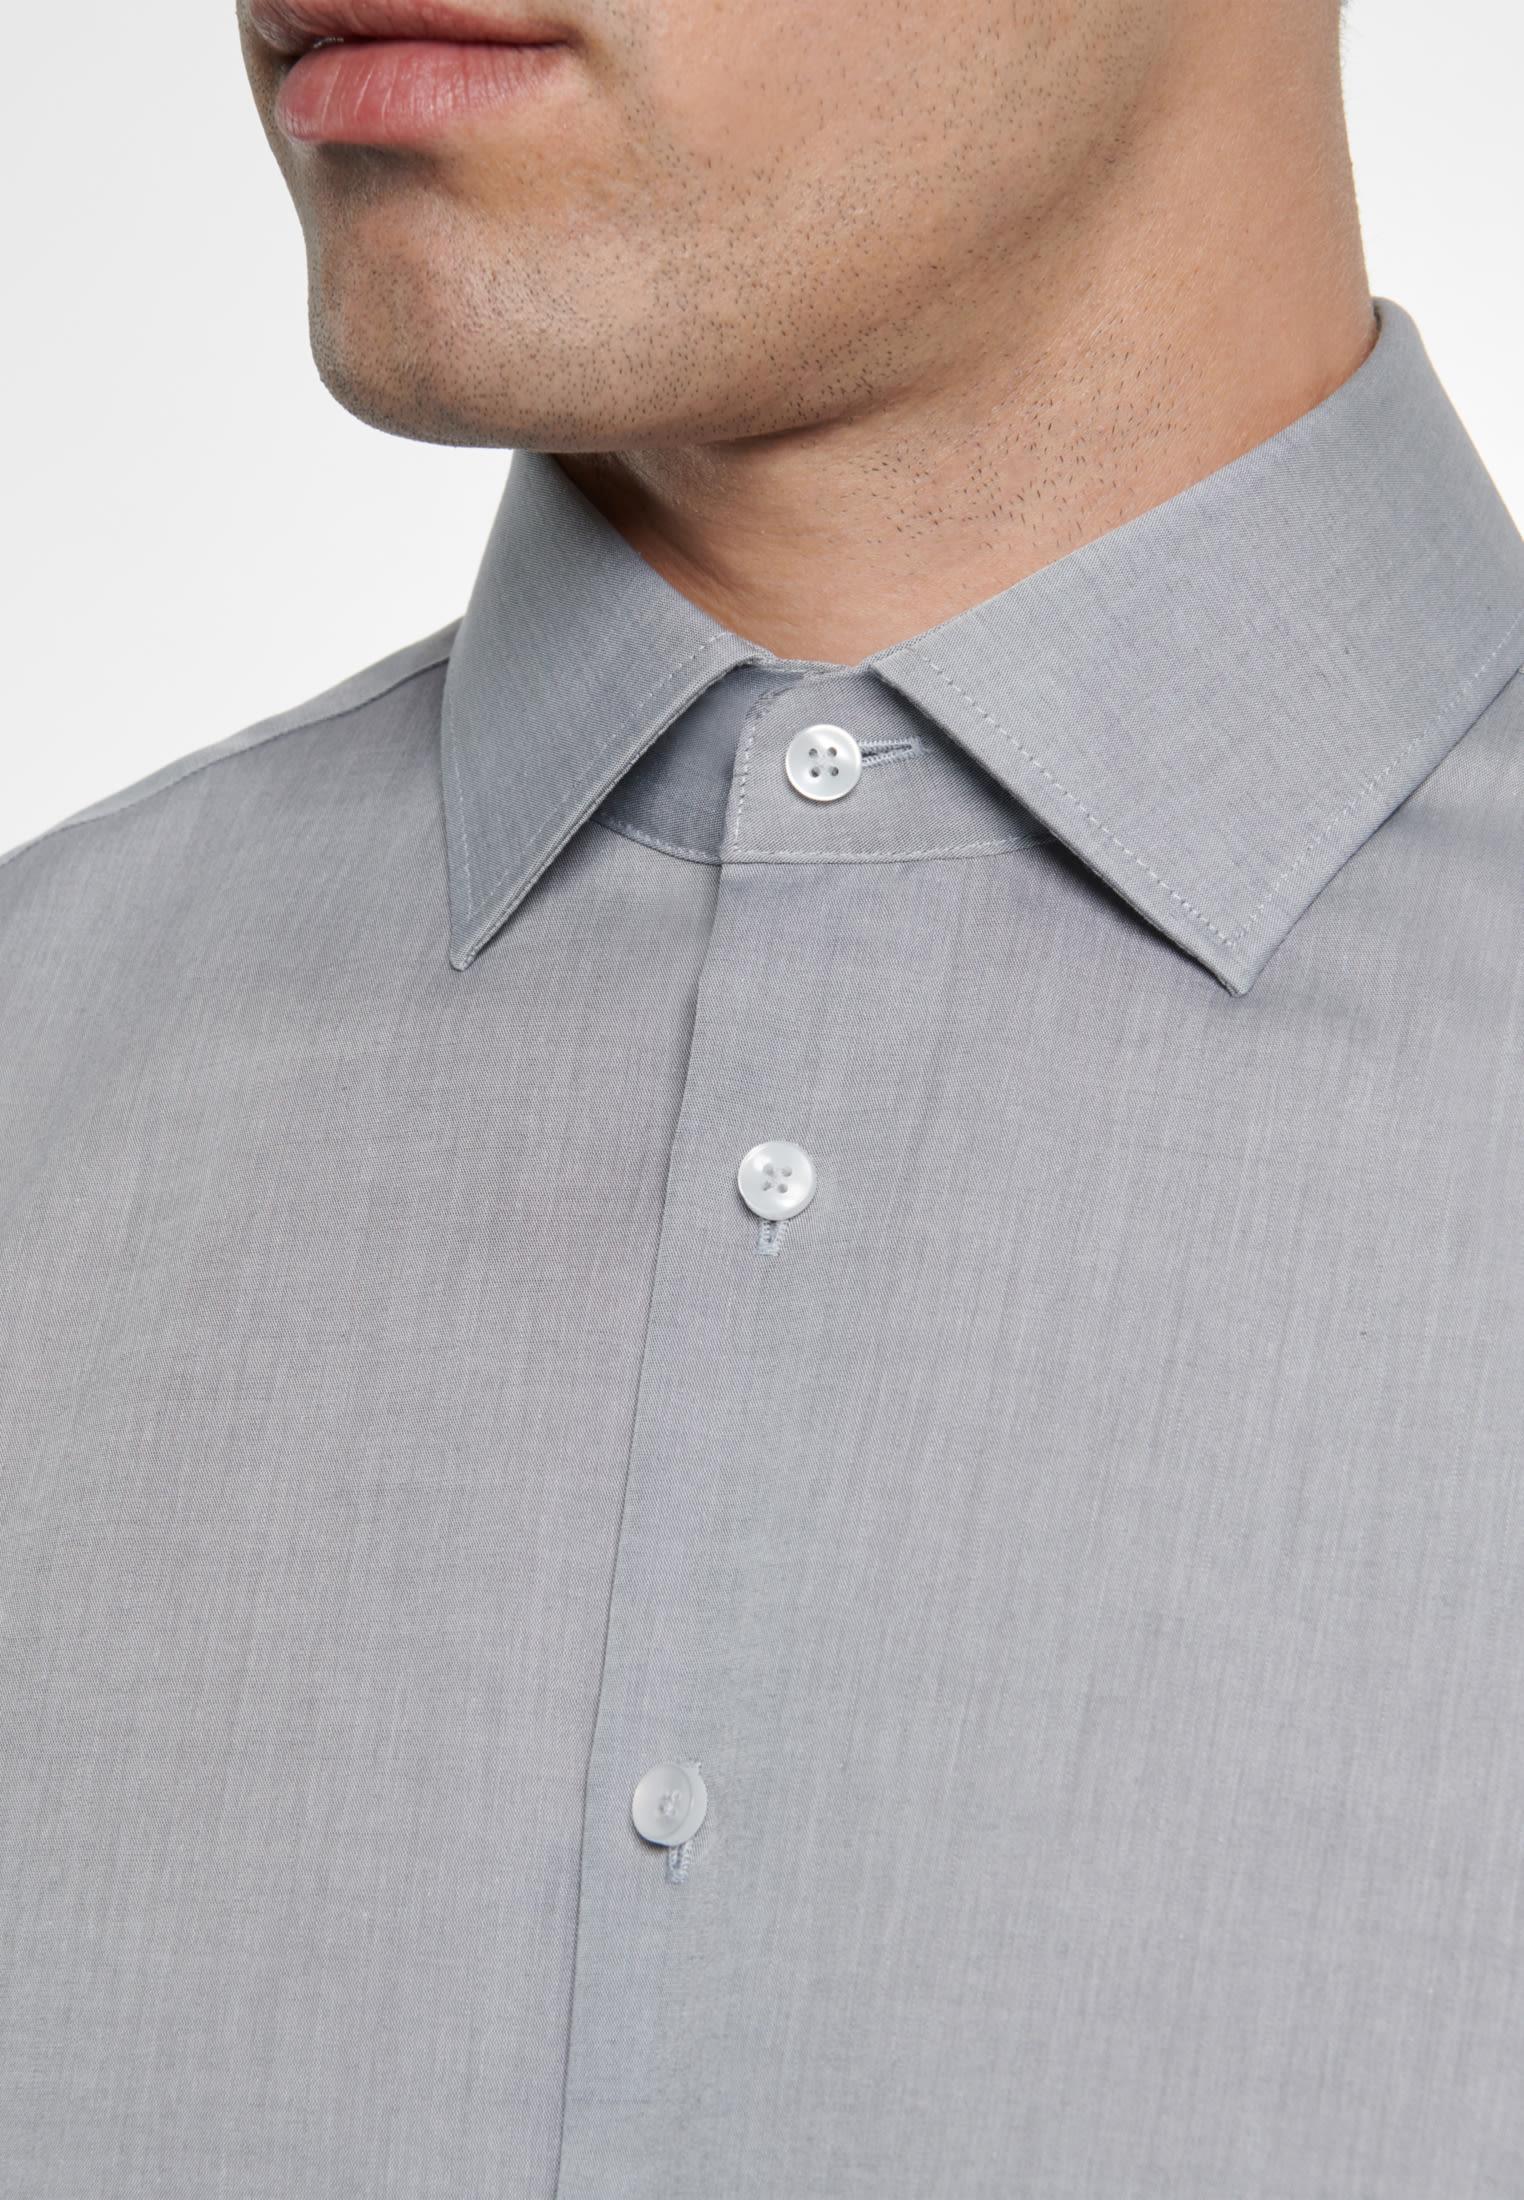 Bügelfreies Chambray Business Hemd in X-Slim mit Kentkragen in Grau |  Seidensticker Onlineshop